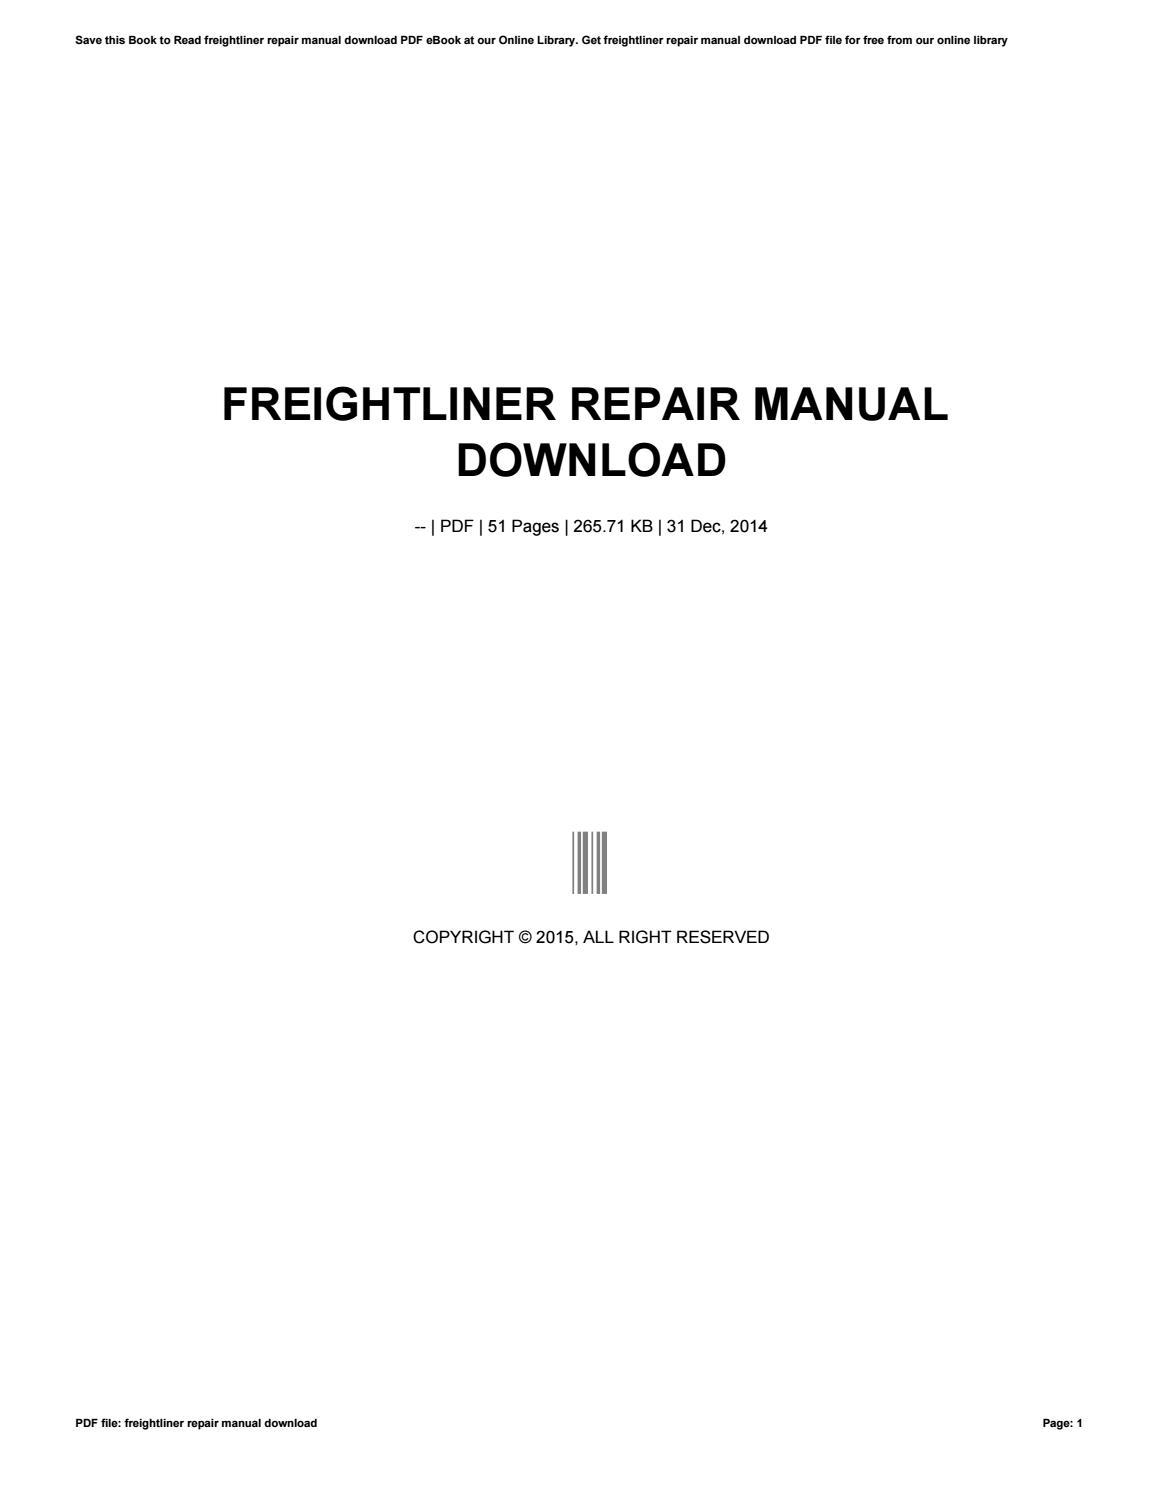 freightliner repair manual download